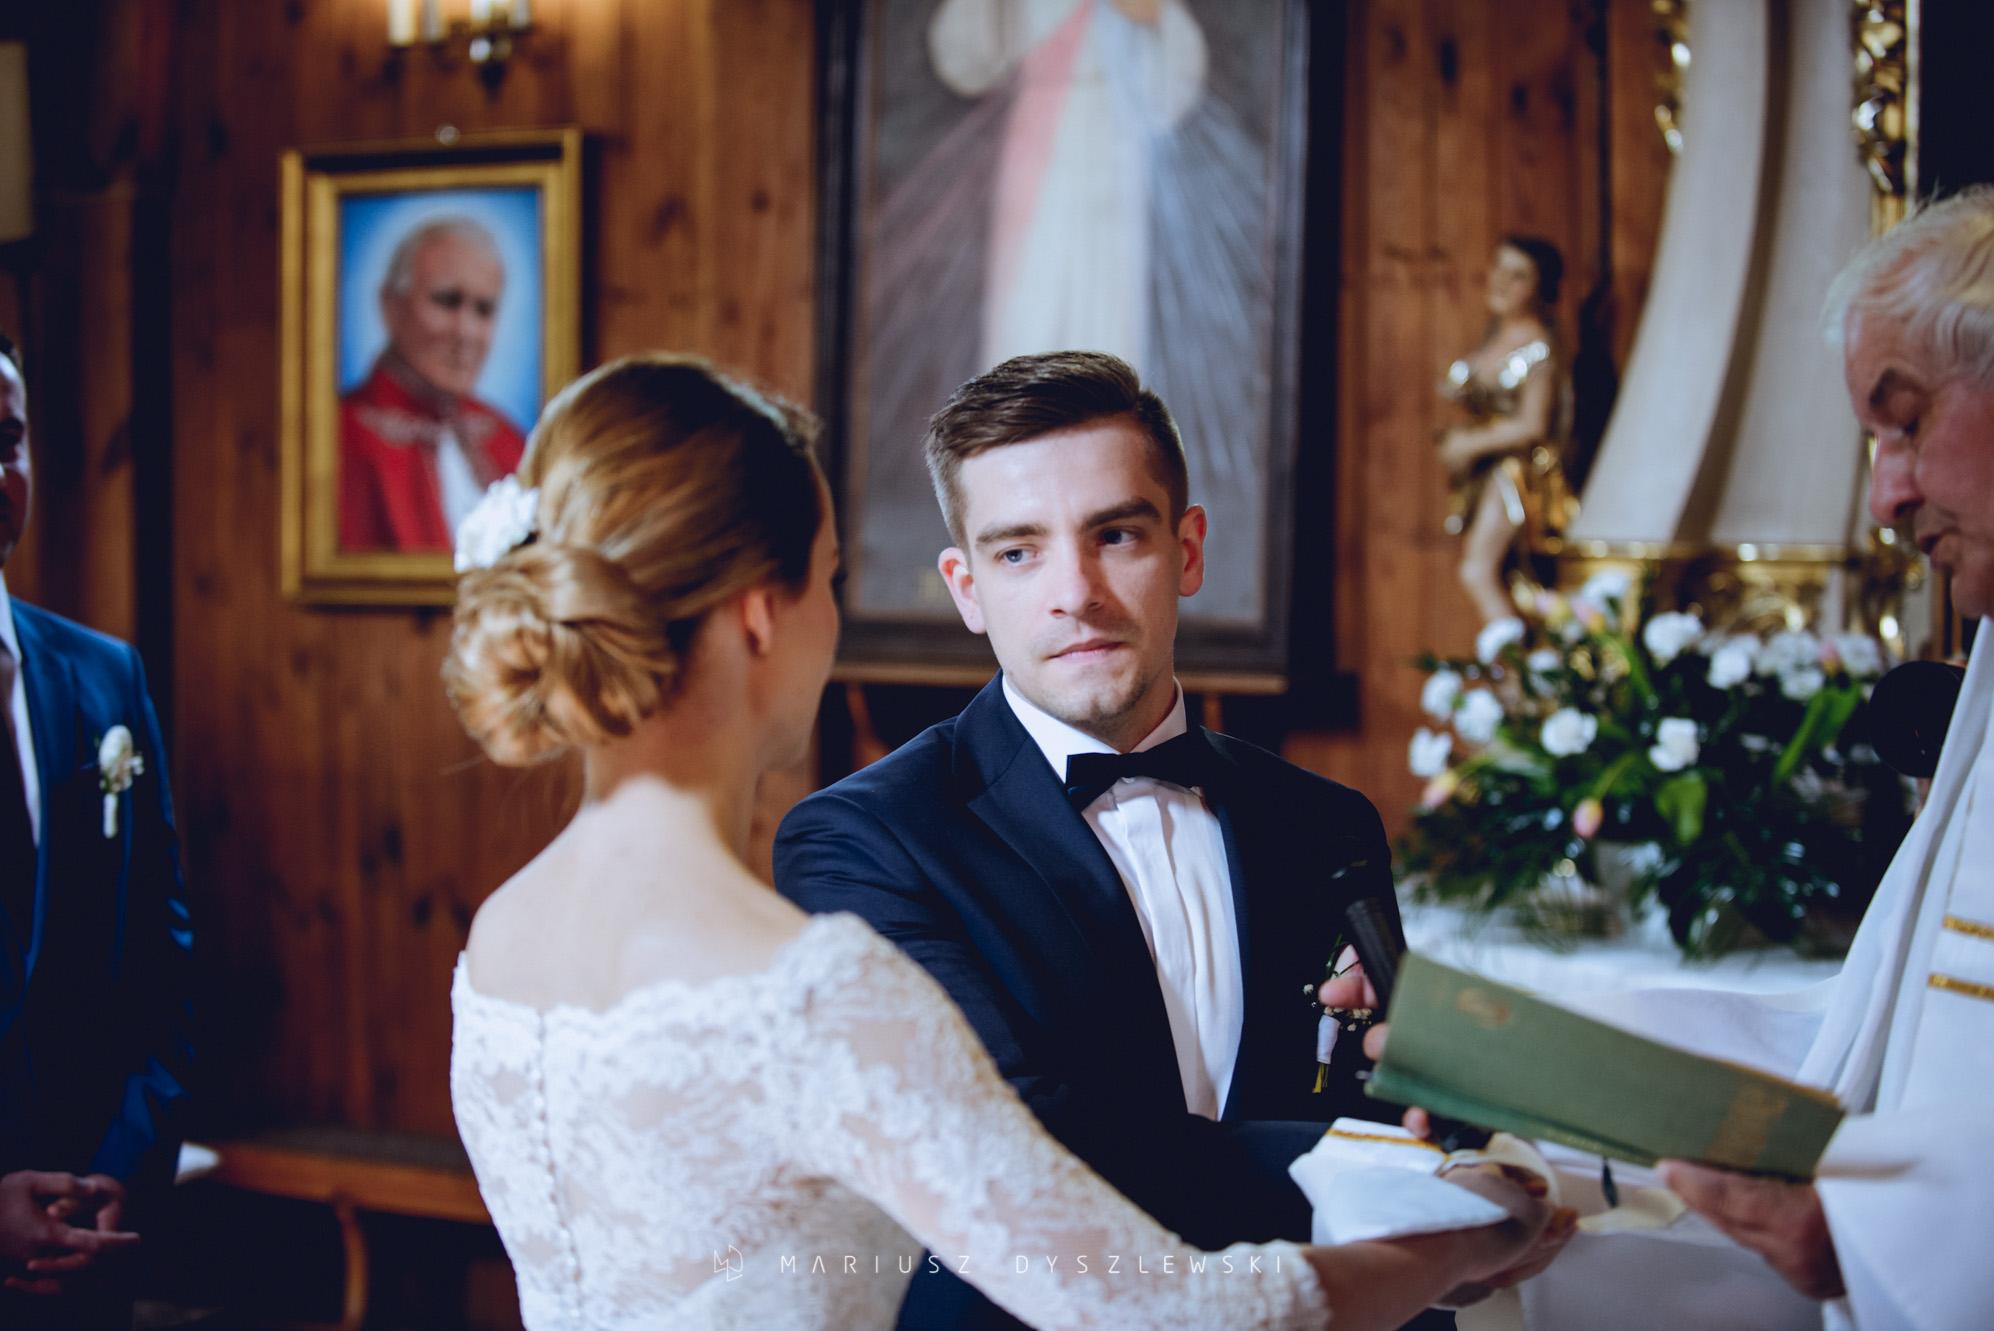 Mariusz Dyszlewski Fotograf ślubny